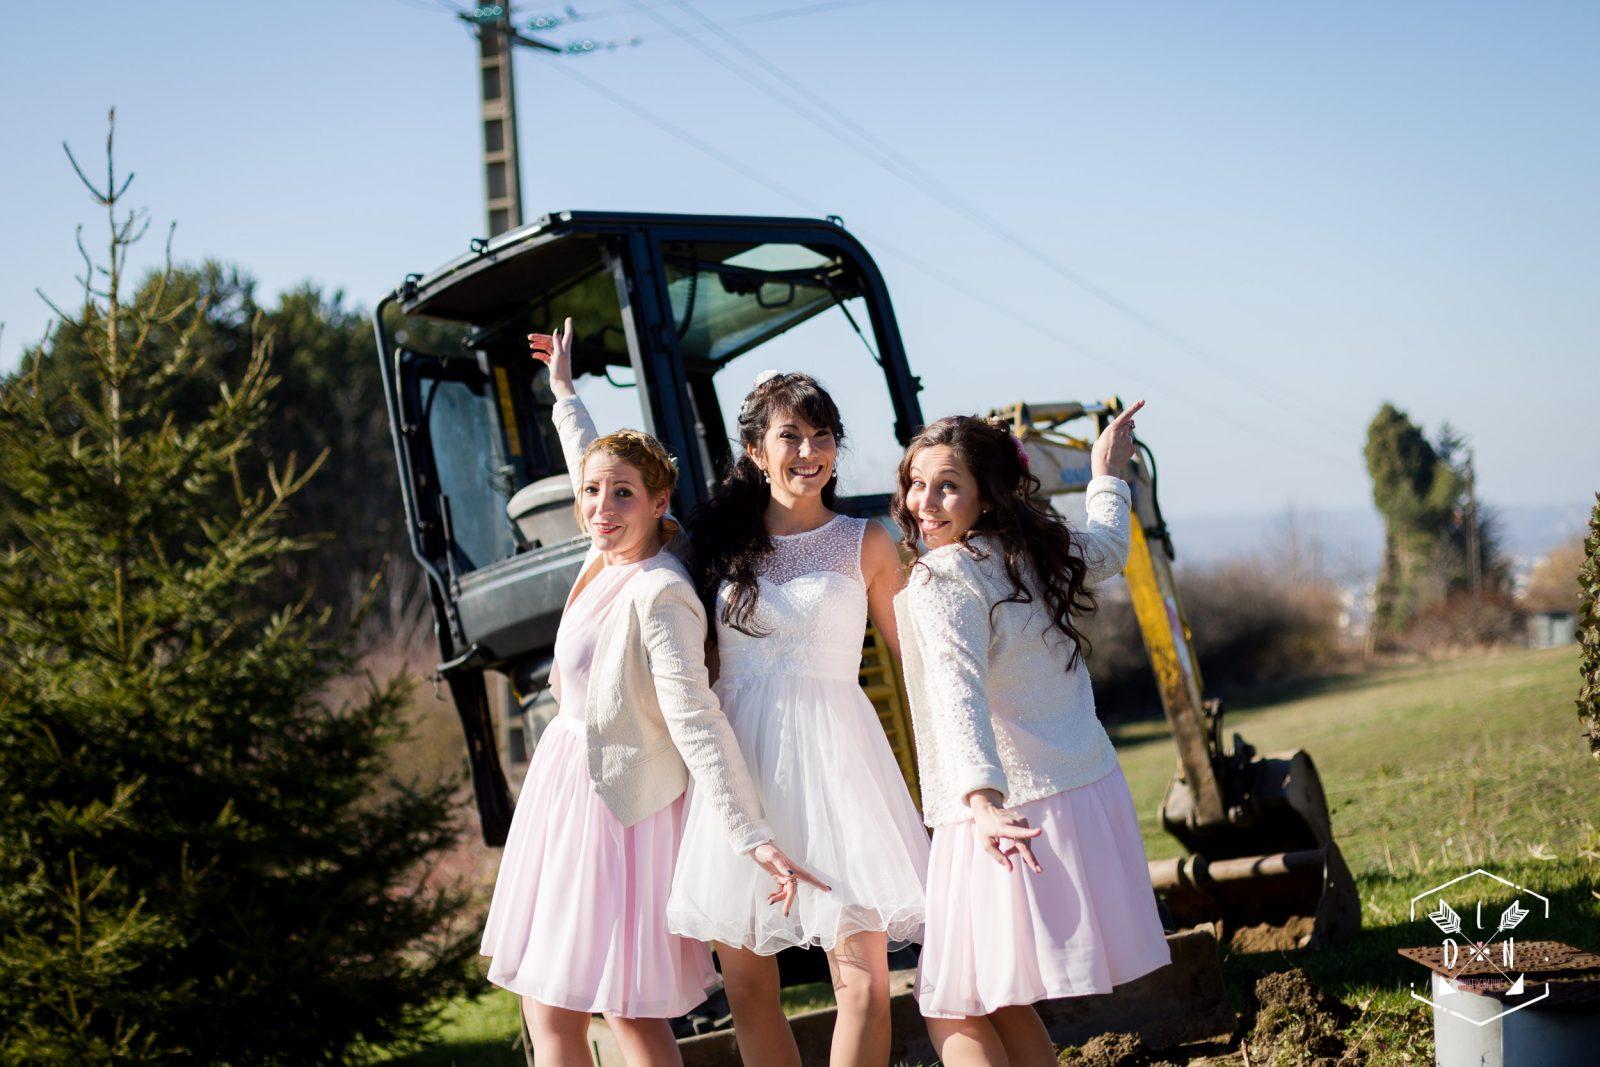 magnifique photo de jeunes mariés, opéra vichy, par L'oeil de Noémie élue meilleure photographe de mariage en Auvergne, en France